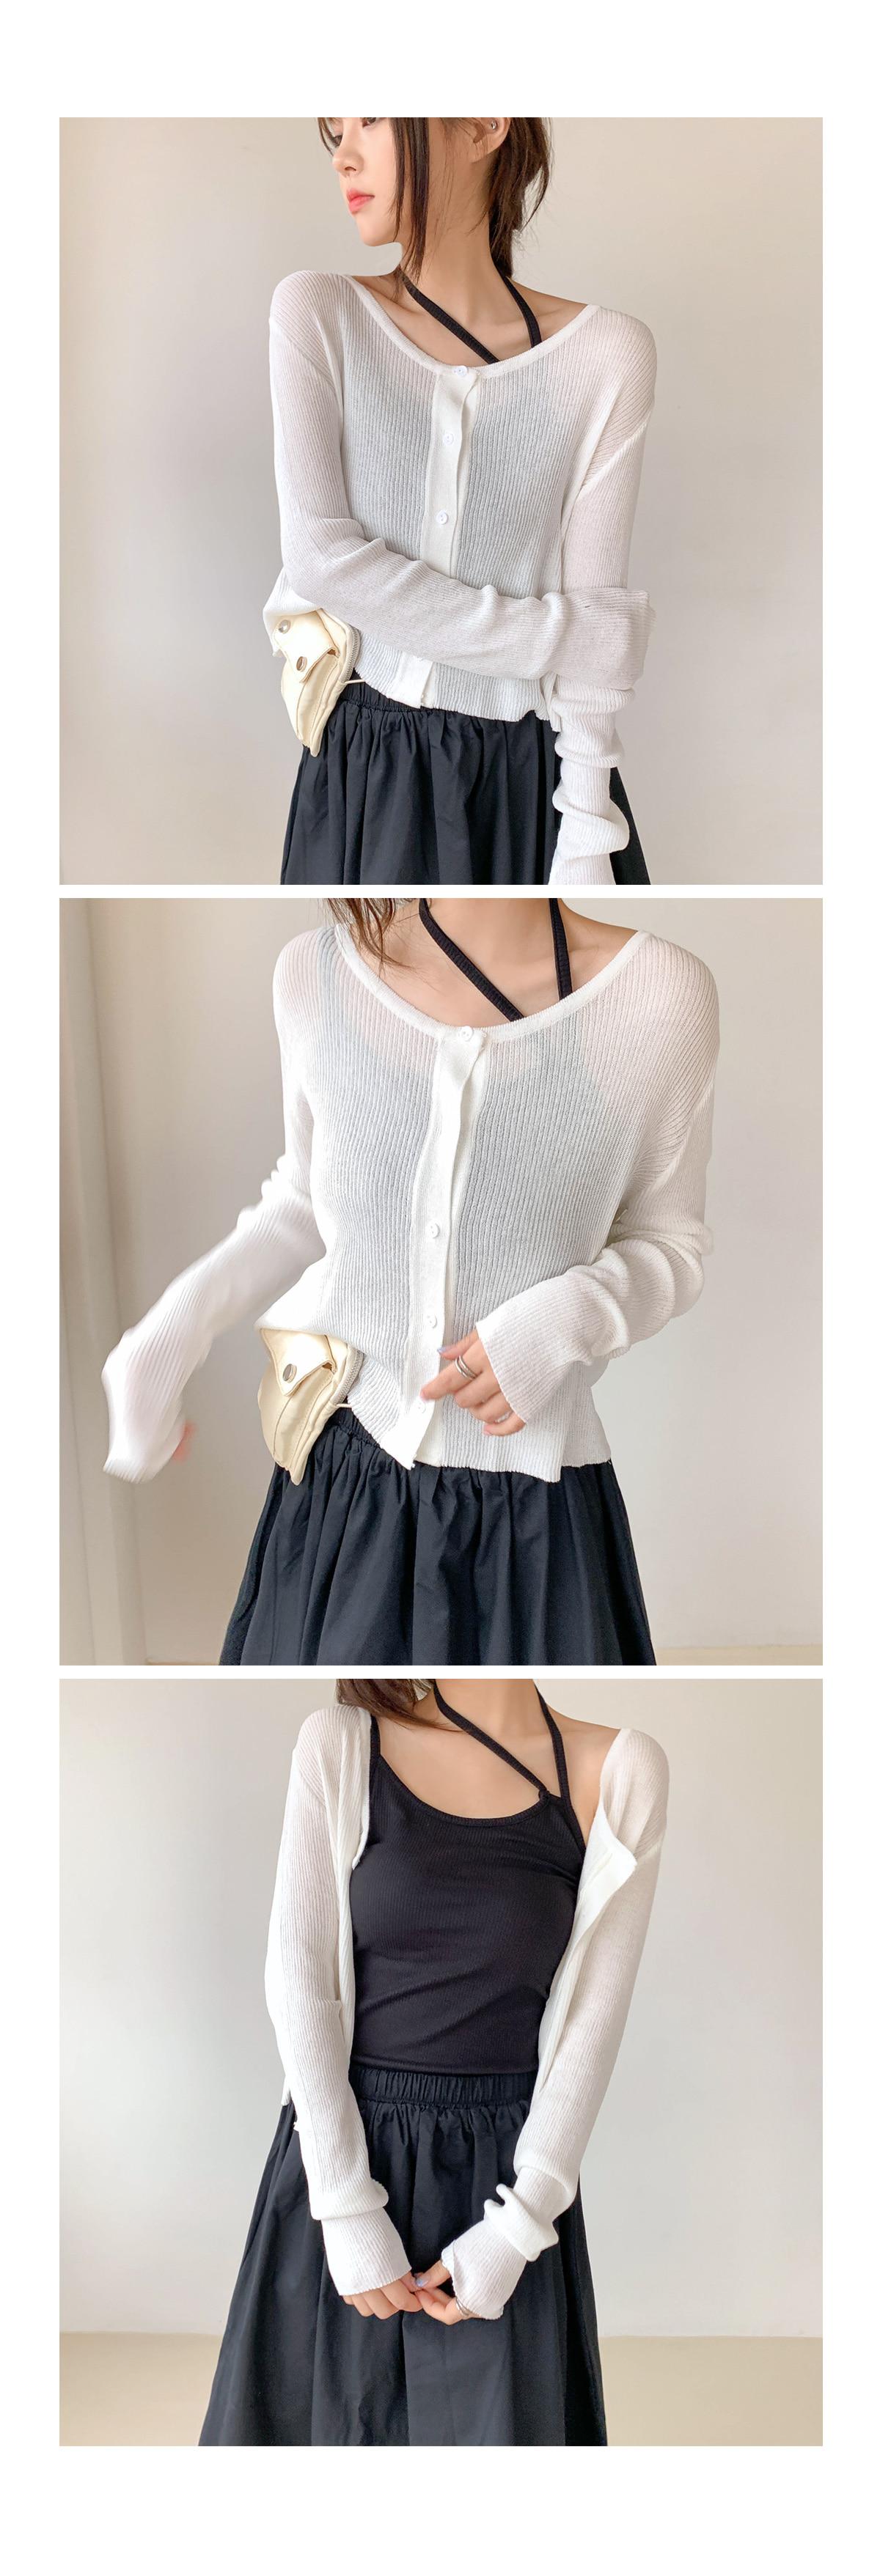 Knit david cardigan